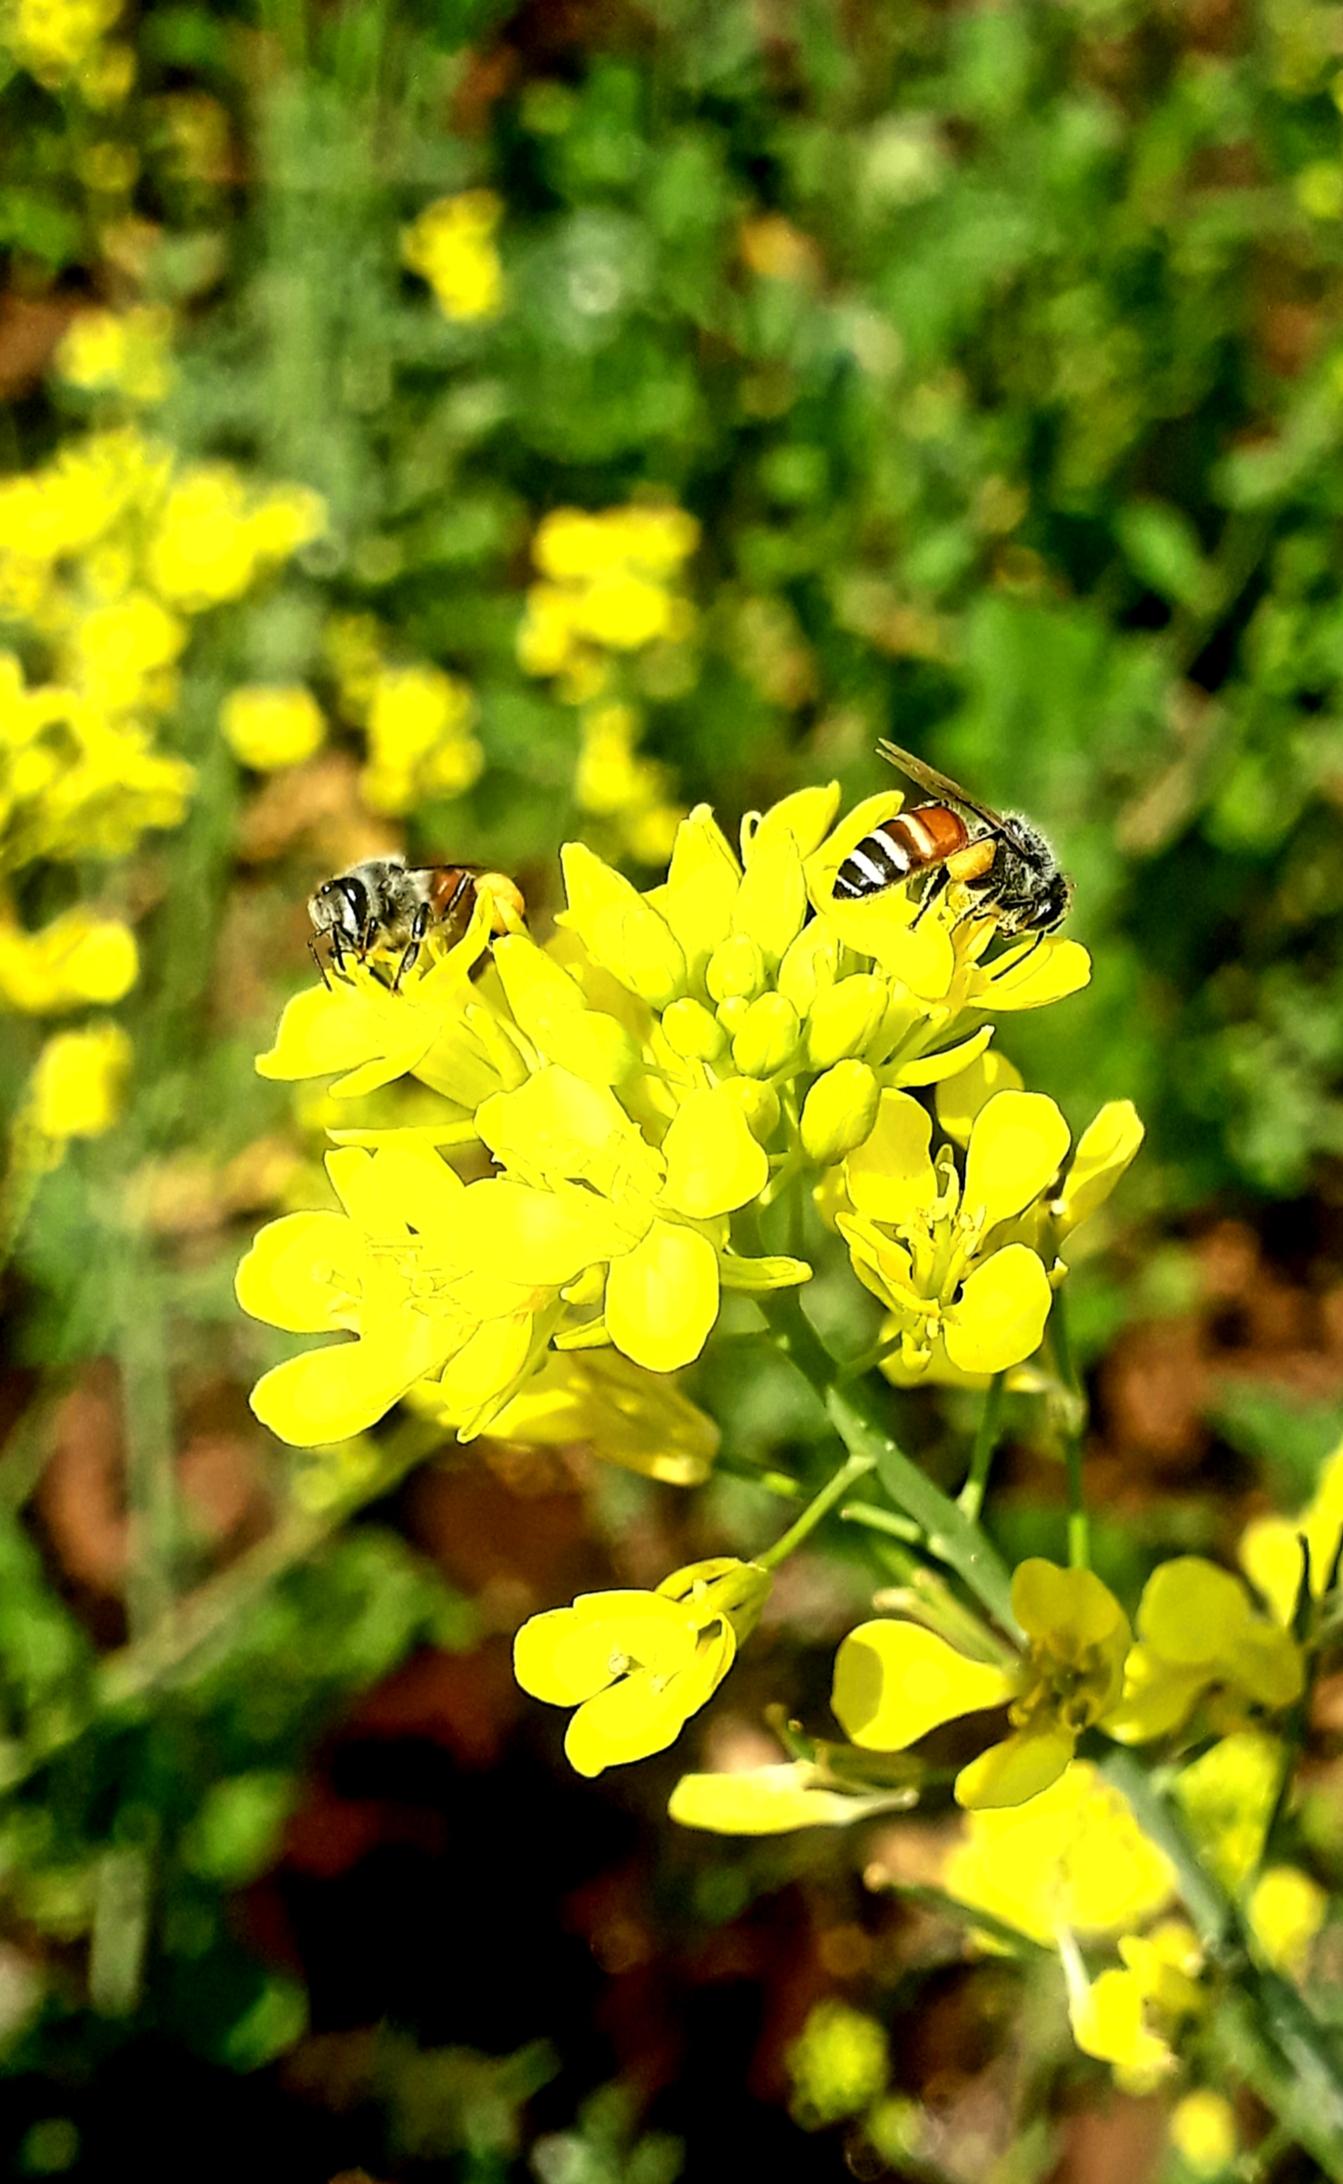 Honeybees on flowering plant